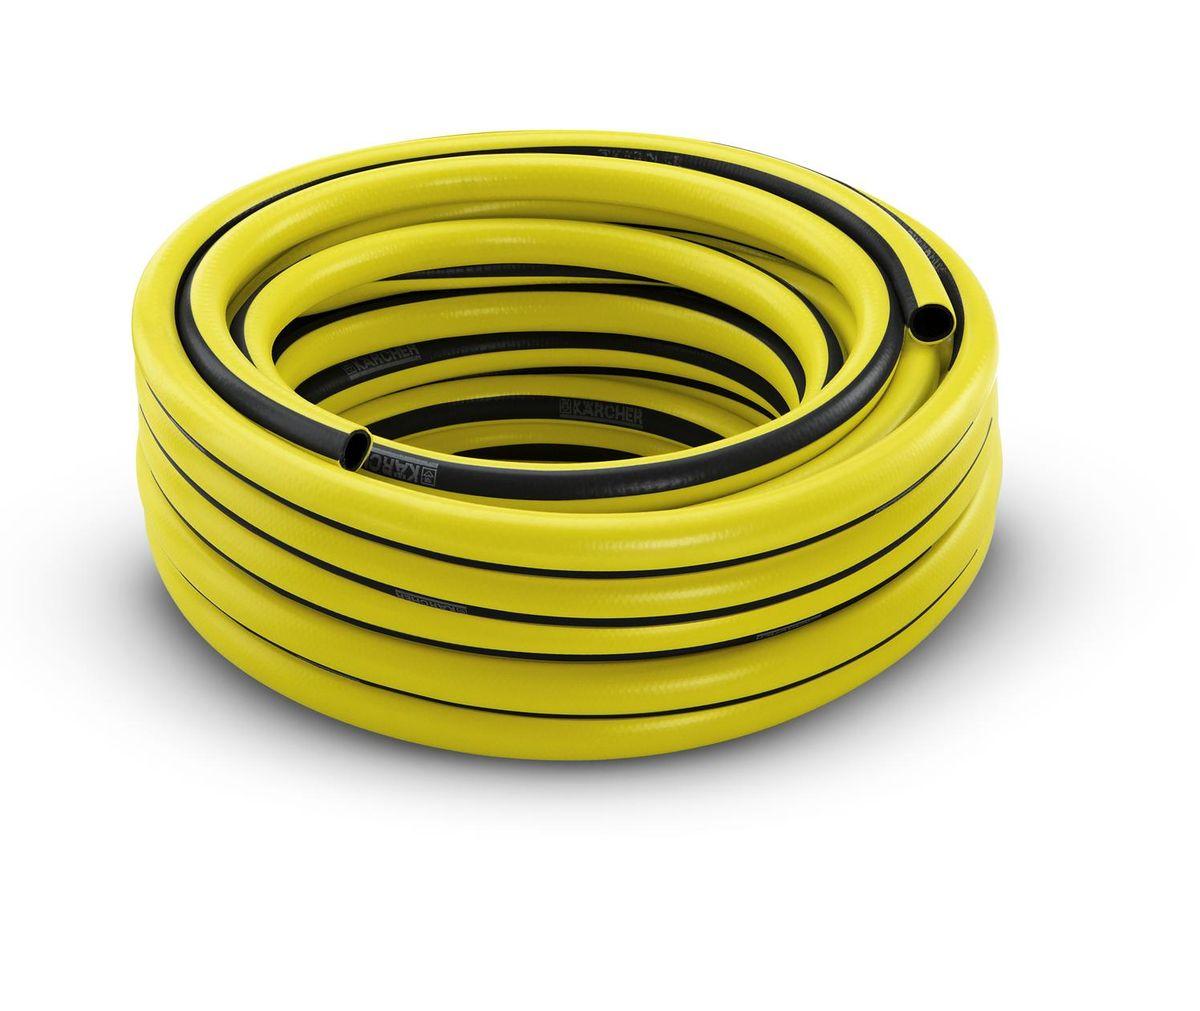 Шланг Karcher PrimoFlex, 3/4, 25 м. 2.645-142.02.645-142.0Шланг PrimoFlex Karcher 2.645-142 предназначен для подведения воды к месту полива. При обычном повседневном использовании в саду прослужит не менее 12 лет. Он армирован специальным материалом, выдерживающим давление до 24 бар, устойчив к УФ-излучению и температурам до +65°С. Прочен, безопасен за счет отсутствия в составе кадмия, бария и свинца, вредных веществ, фталатов и вторичного сырья. Шланг устойчив к перегибам. Имеет 3-х слойное изготовление. Промежуточный слой является светонепроницаемым и предотвращает рост водорослей в шланге. Удобен в обращении, стоек к воздействиям внешней среды. Шланг крепится к крану с помощью штуцера. Штуцер приобретается отдельно. Диаметр 3/4 дюйма.Максимальное давление: 24 бар.Рабочая температура: от -20°С до +65°С.